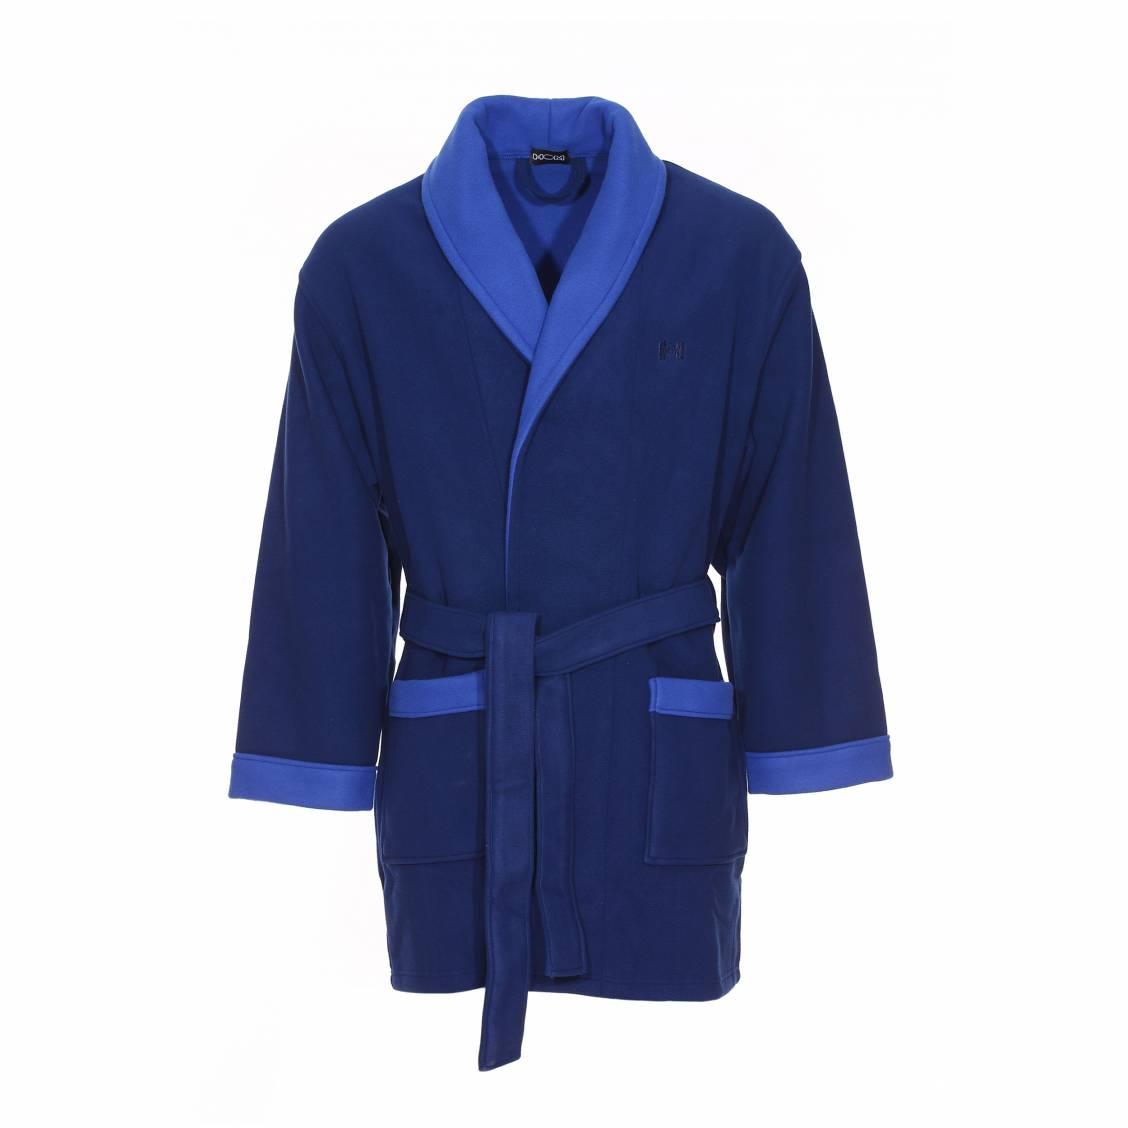 robe de chambre polaire courte hom k luxe bleu marine et. Black Bedroom Furniture Sets. Home Design Ideas